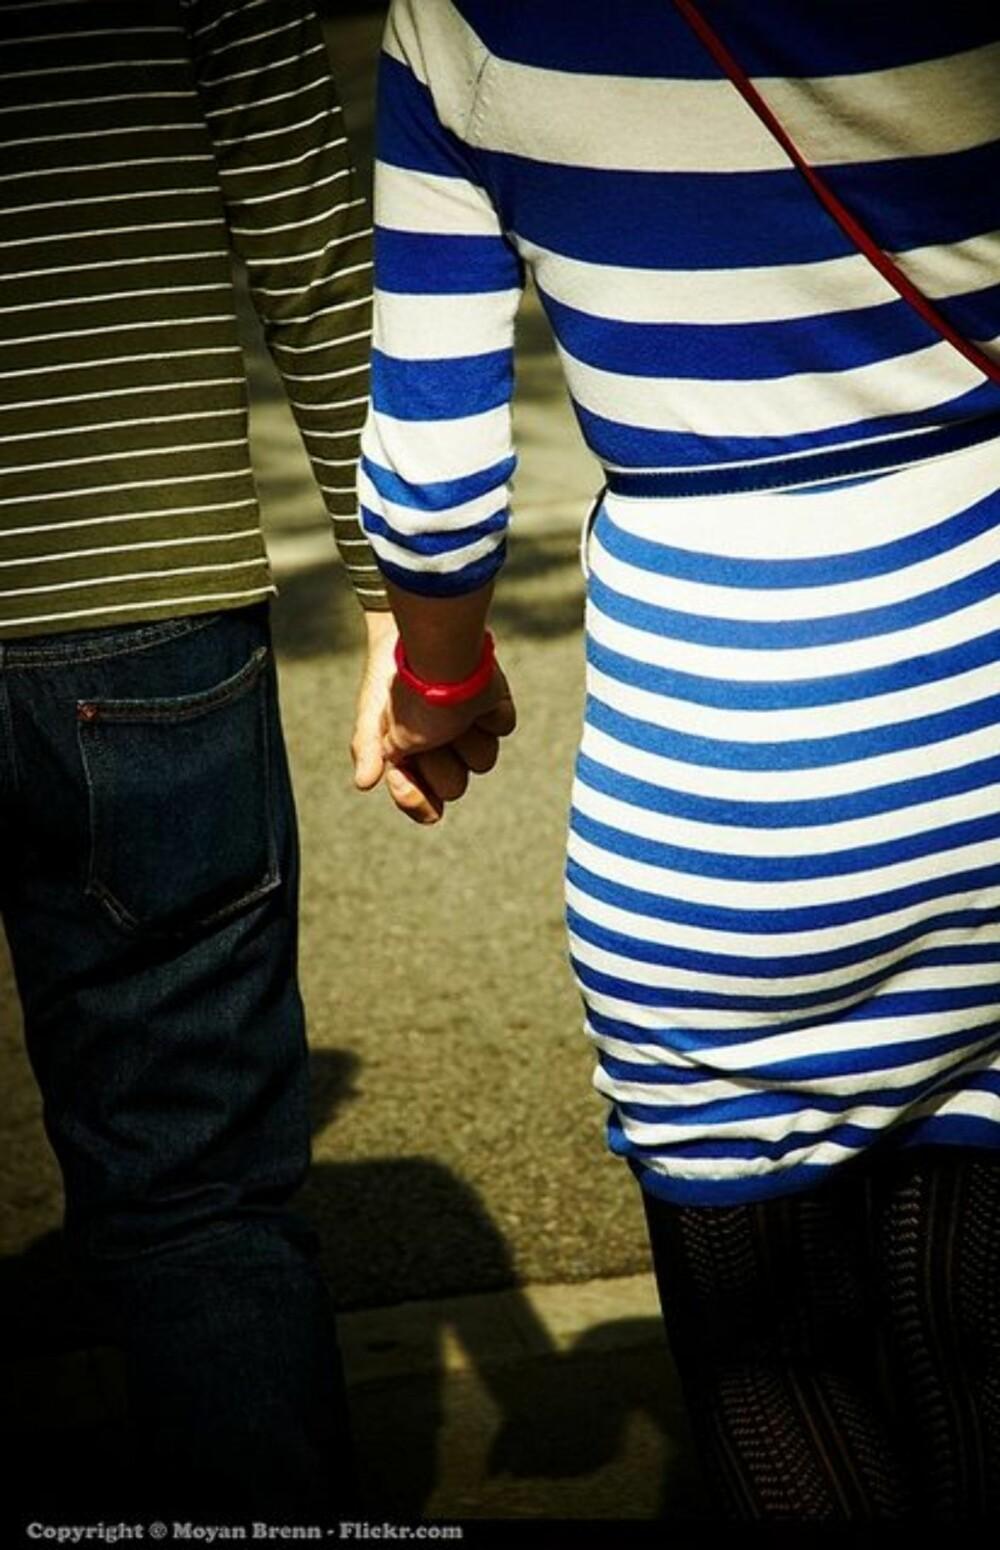 NÆRHET: Intimitet er mer enn sex. FOTO: Moyan Brenn/Flickr.com